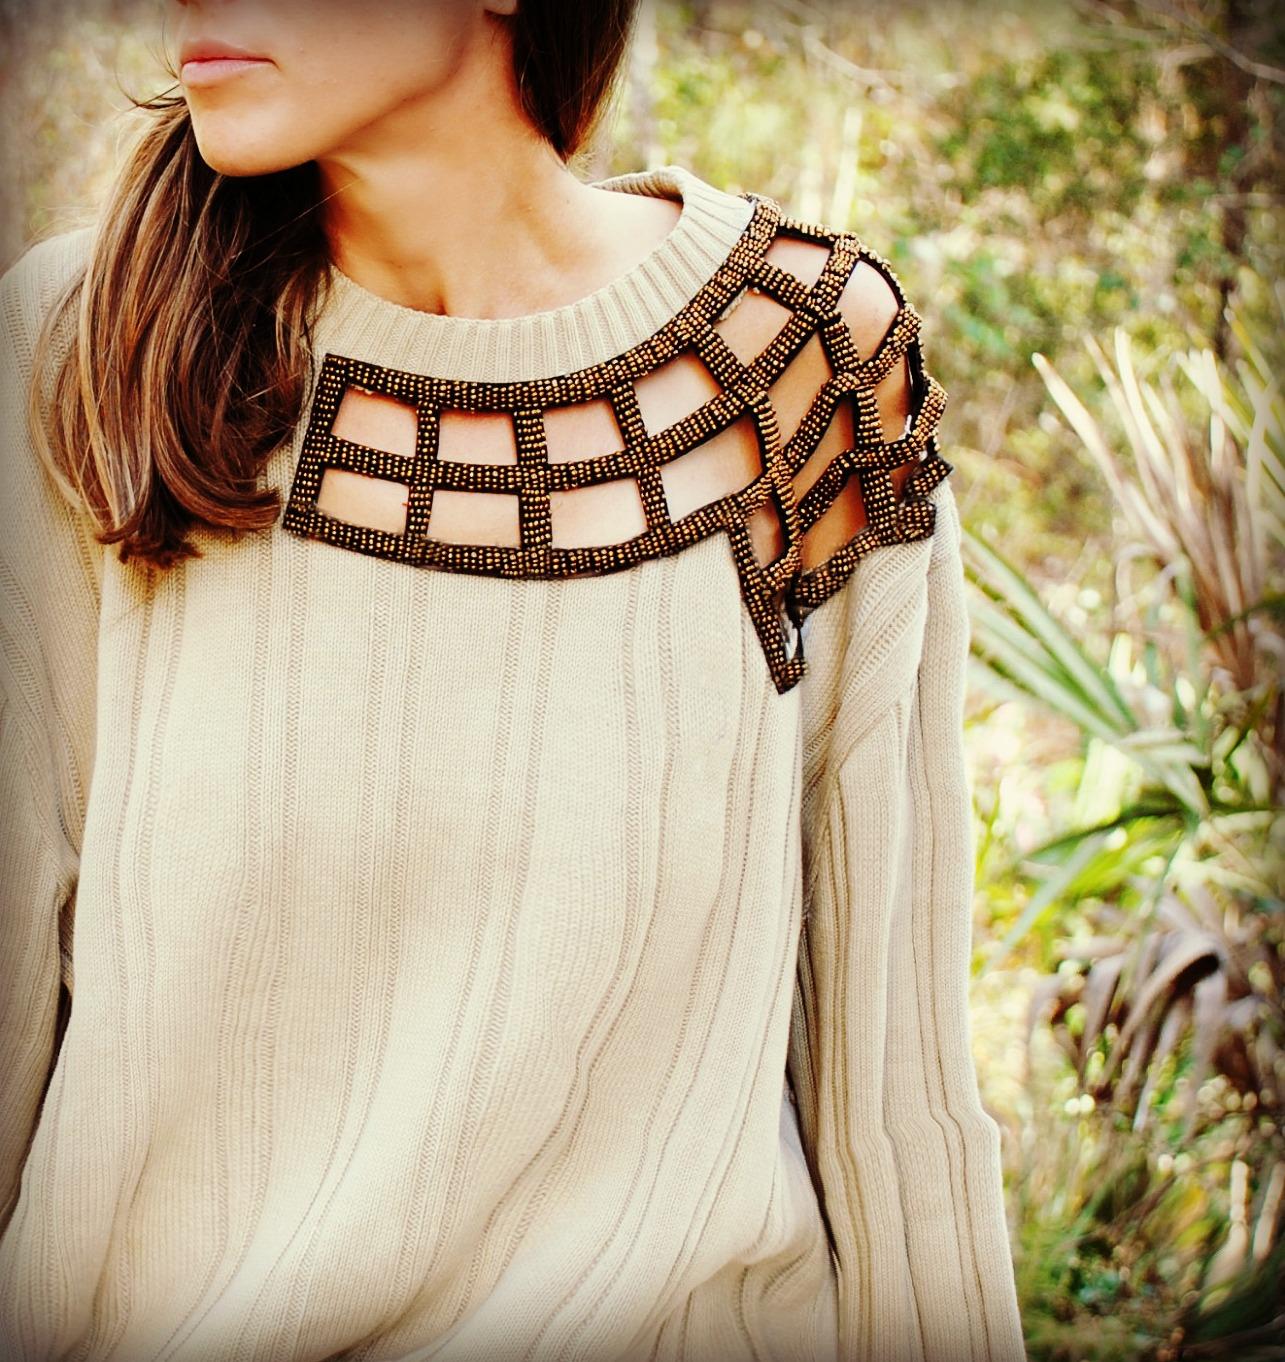 Как своими руками украсить свитер